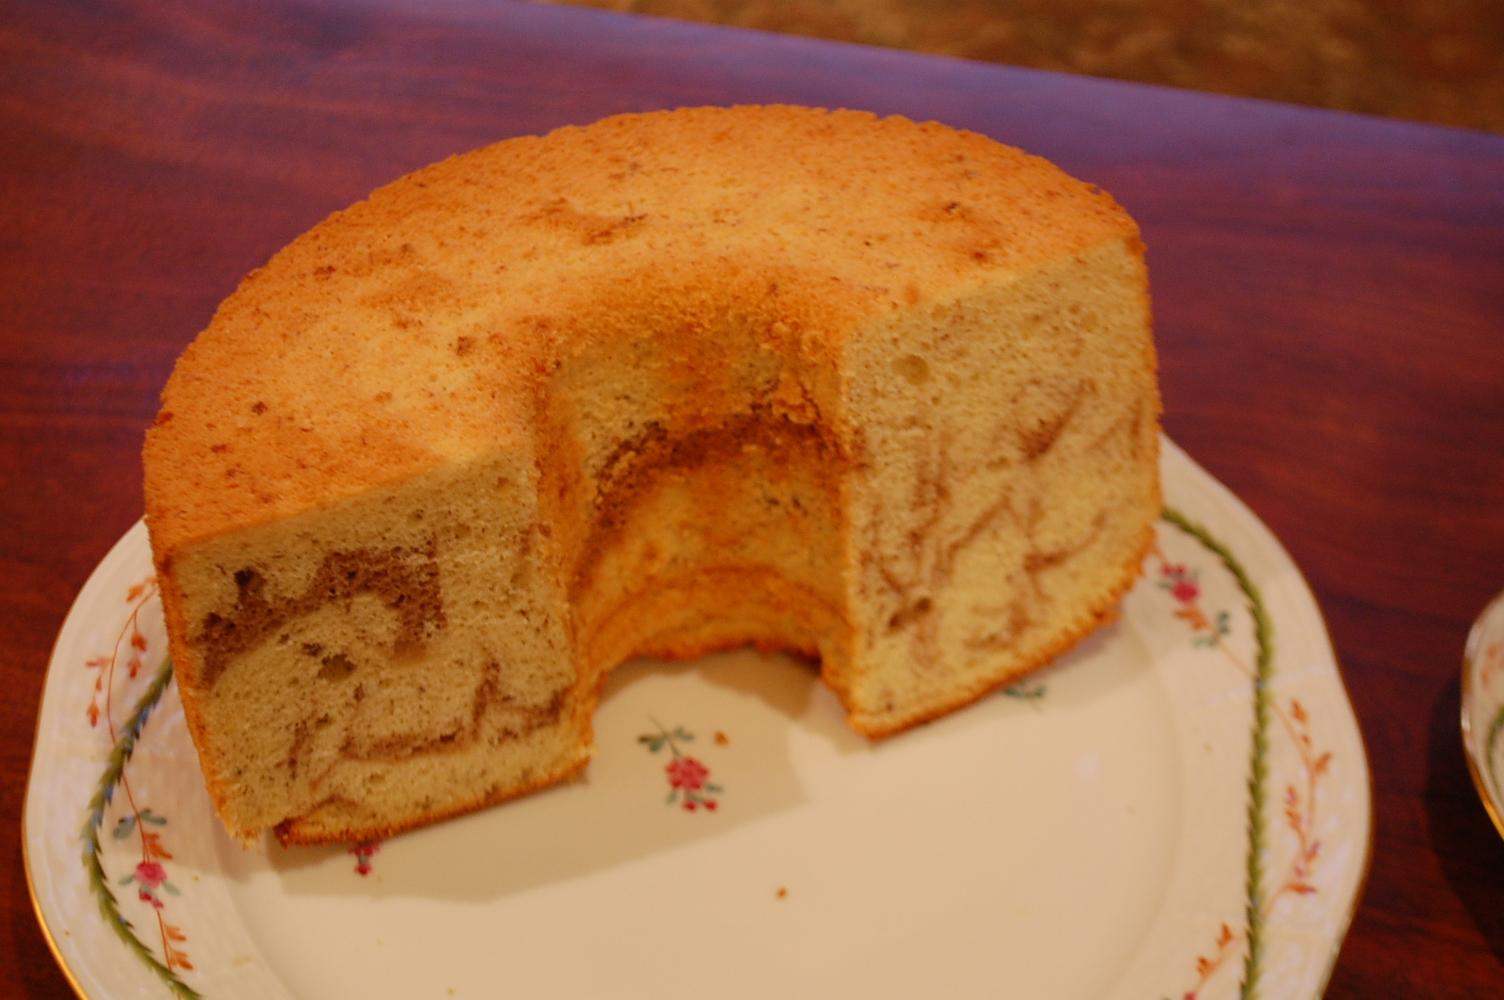 無添加 手作りシフォンケーキ [北海道産てんさい糖使用]【バナナココアマーブル】